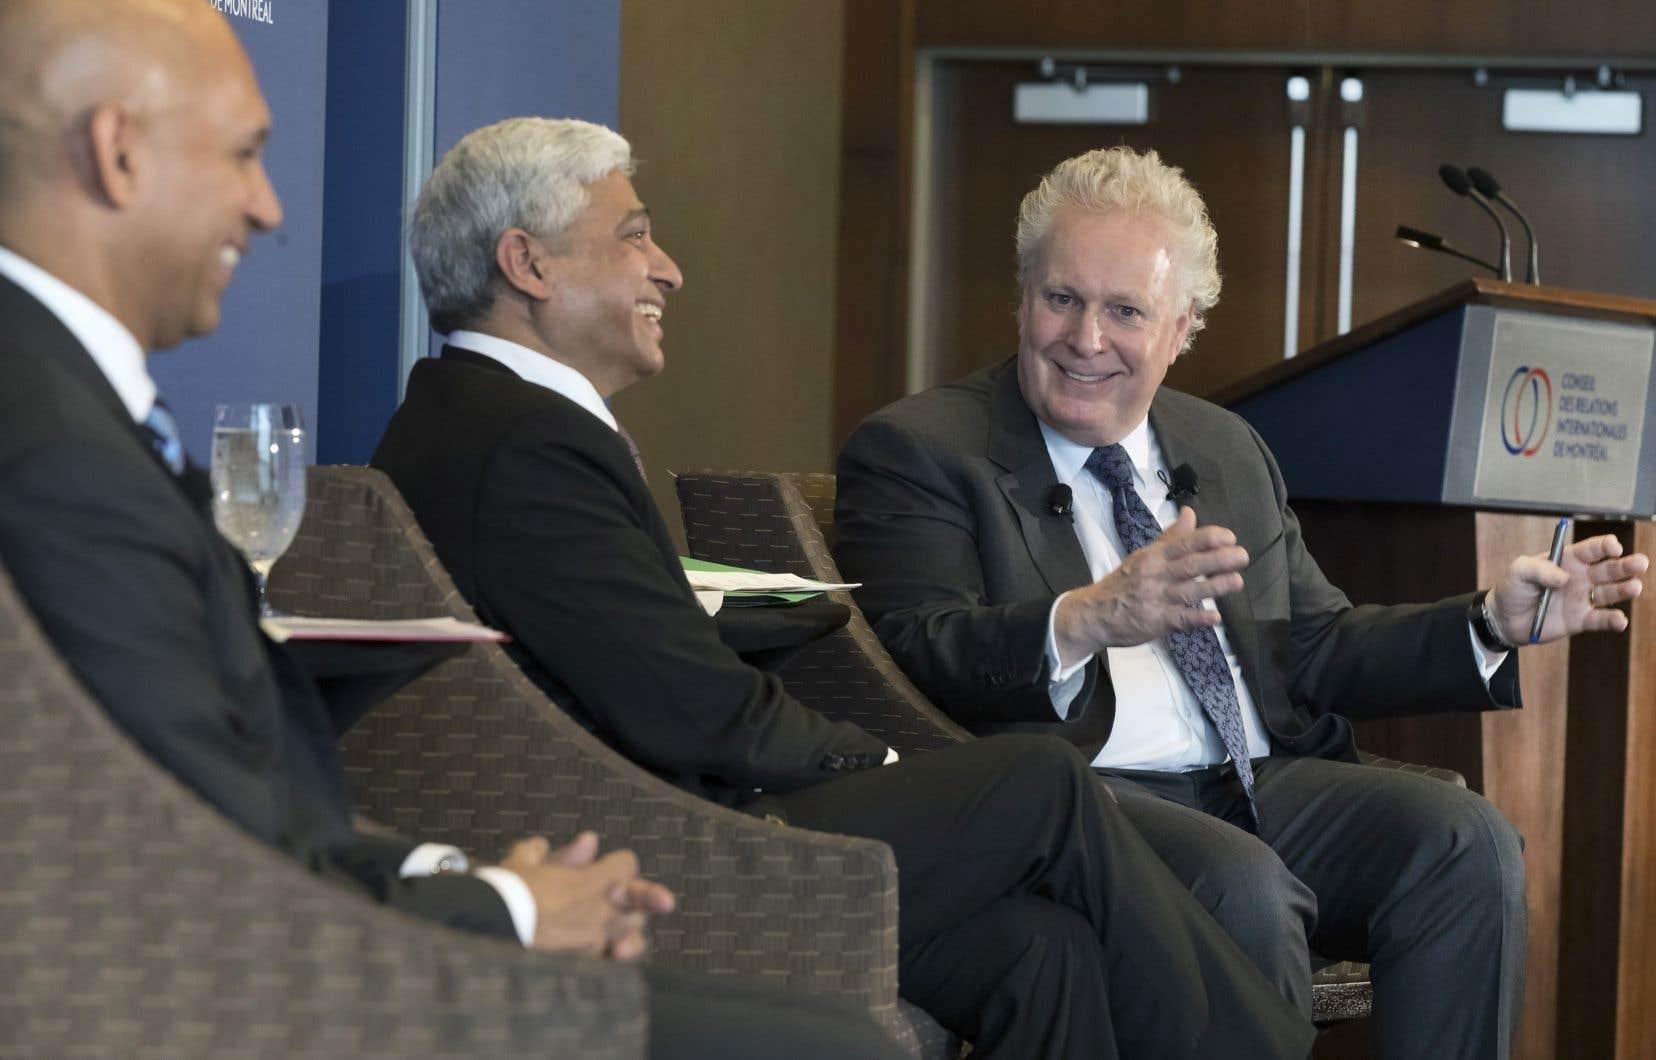 Jean Charest a participé à un panel en compagnie du haut commissaire de l'Inde au Canada, Vikas Swarup, et du haut commissaire du Canada en Inde, Nadir Patel.